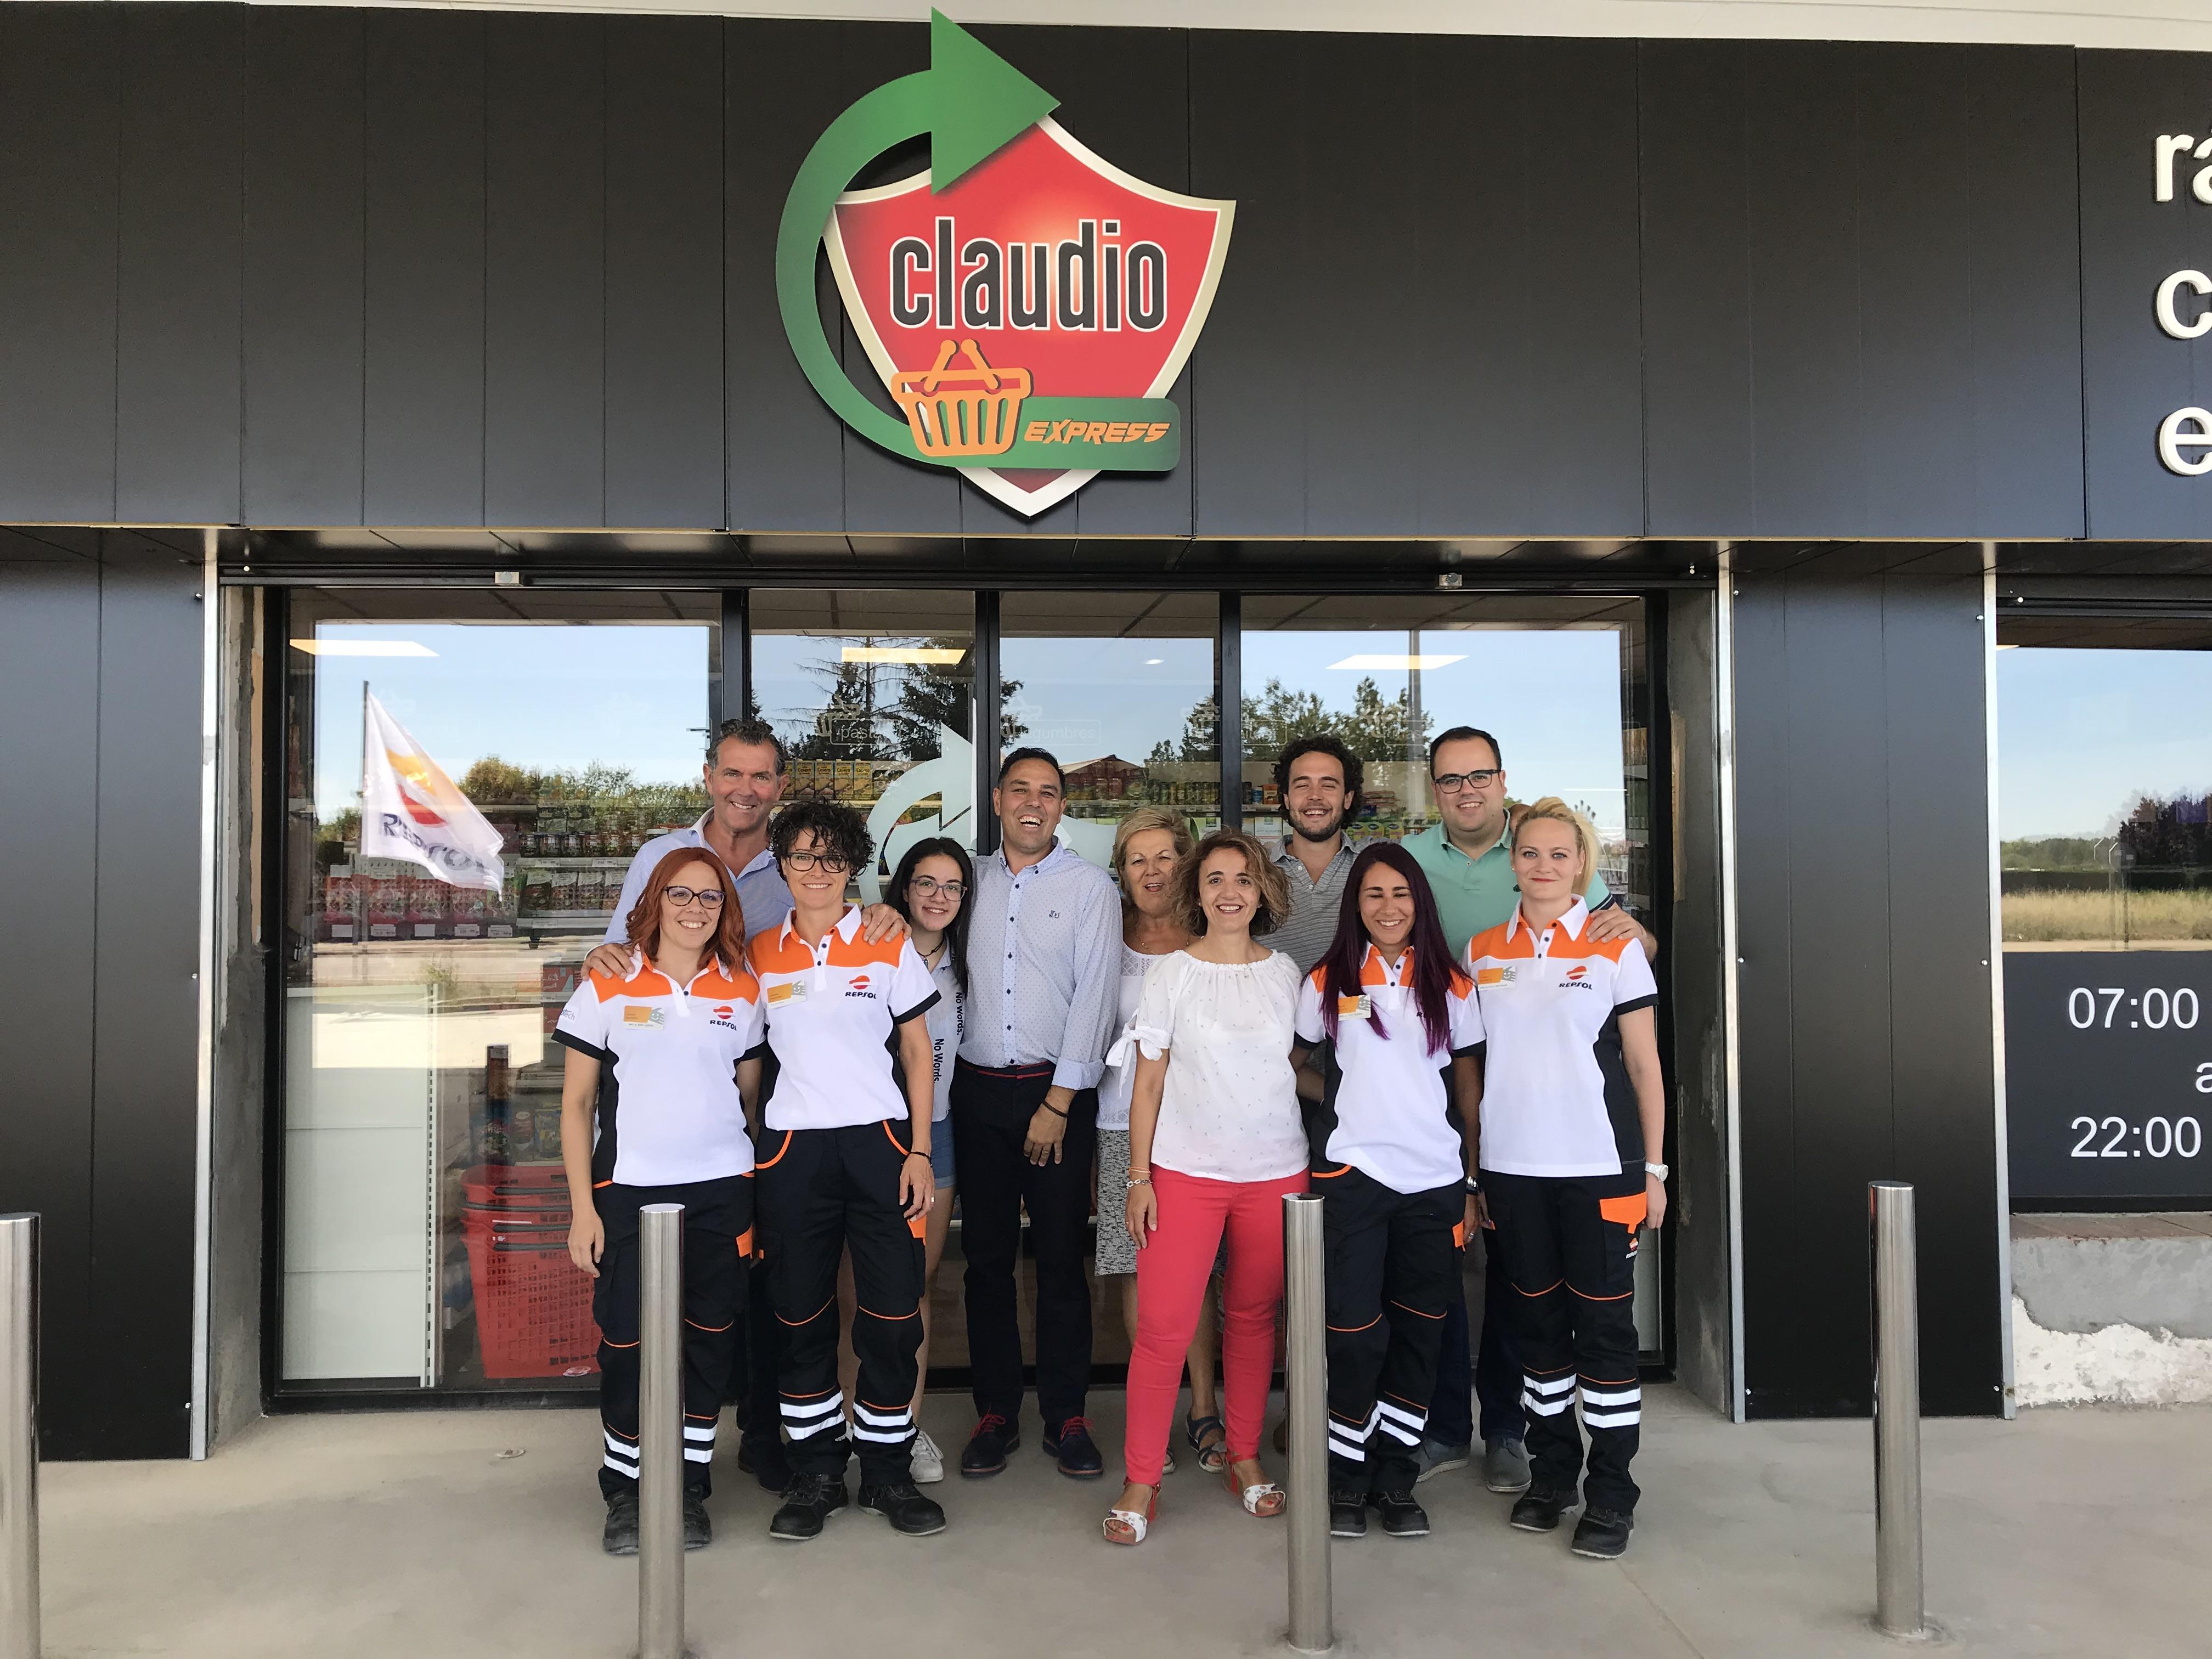 GADISA EXTIENDE SU RED DE FRANQUICIAS CON LA APERTURA DEL  12º CLAUDIO EXPRESS DE 2019